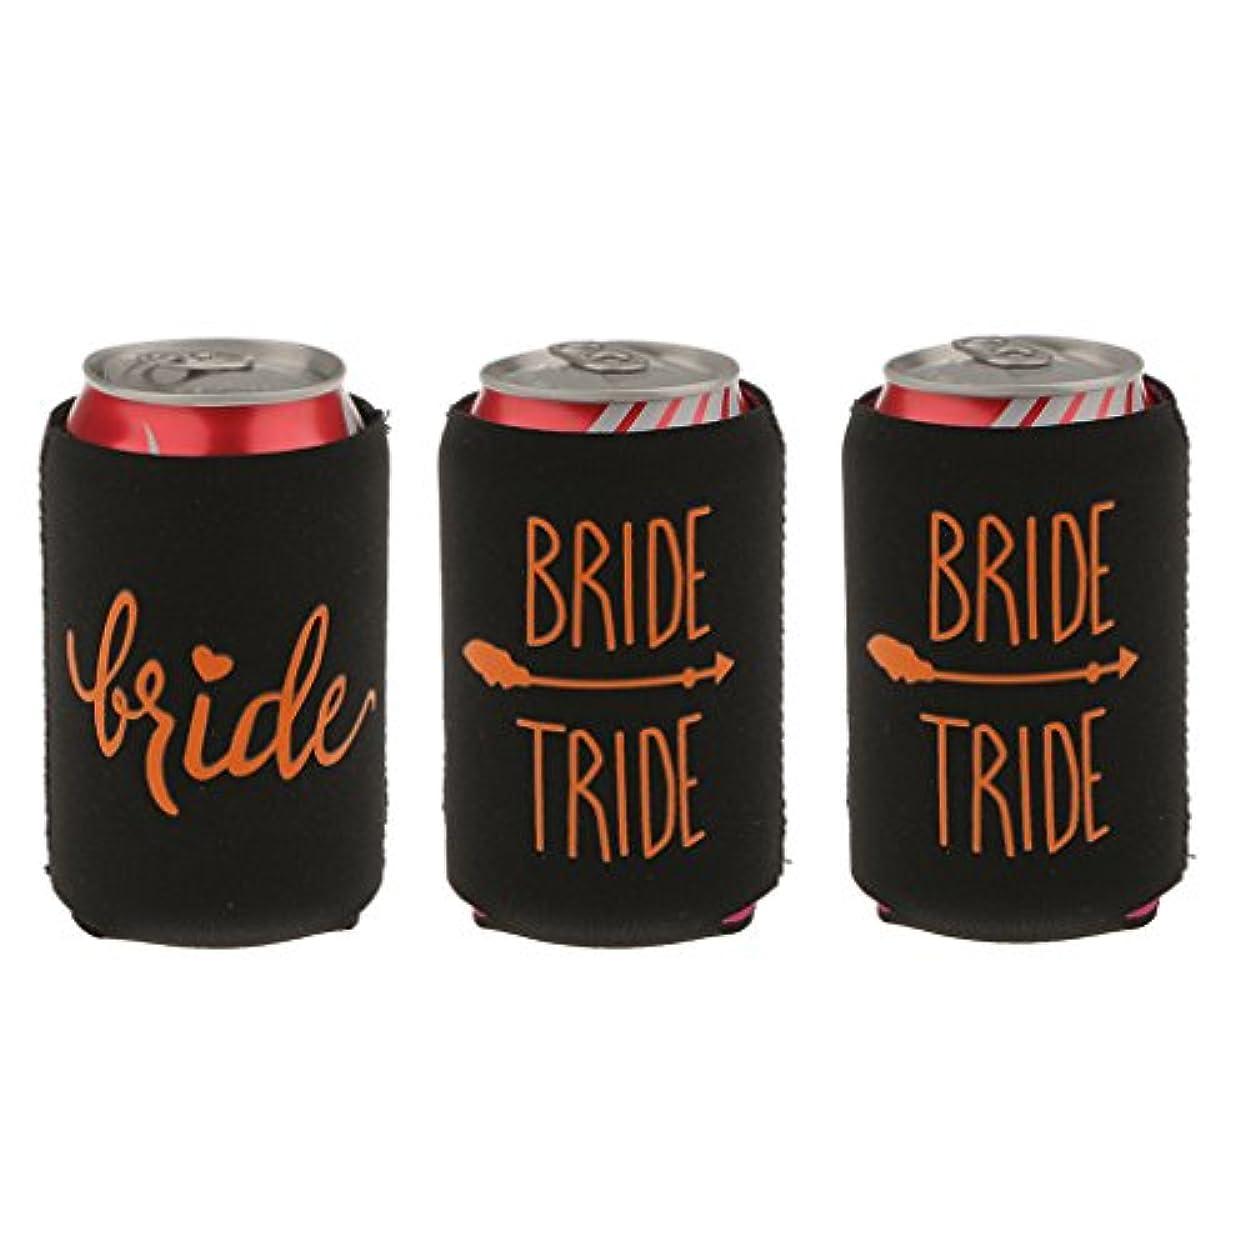 最小化する給料大砲3枚セット 缶クーラー スリーブ カバー 缶クージー スズ 保冷 保温 ビール コーヒー ネオプレン